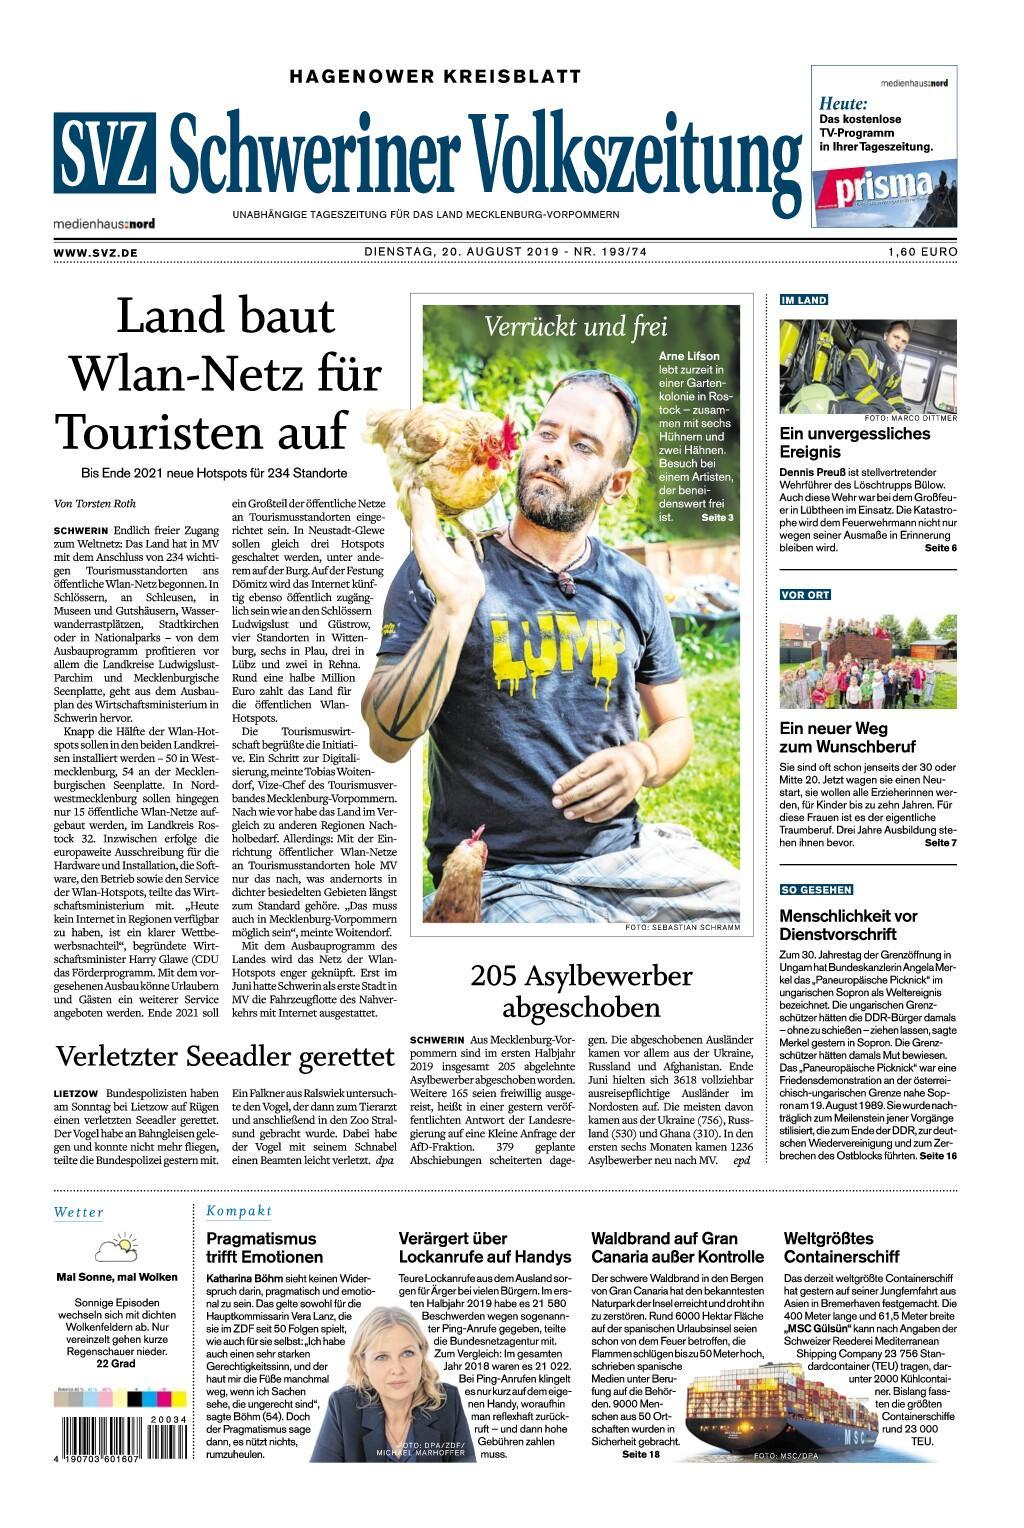 Schweriner Volkszeitung Hagenower Kreisblatt - 20. August 2019